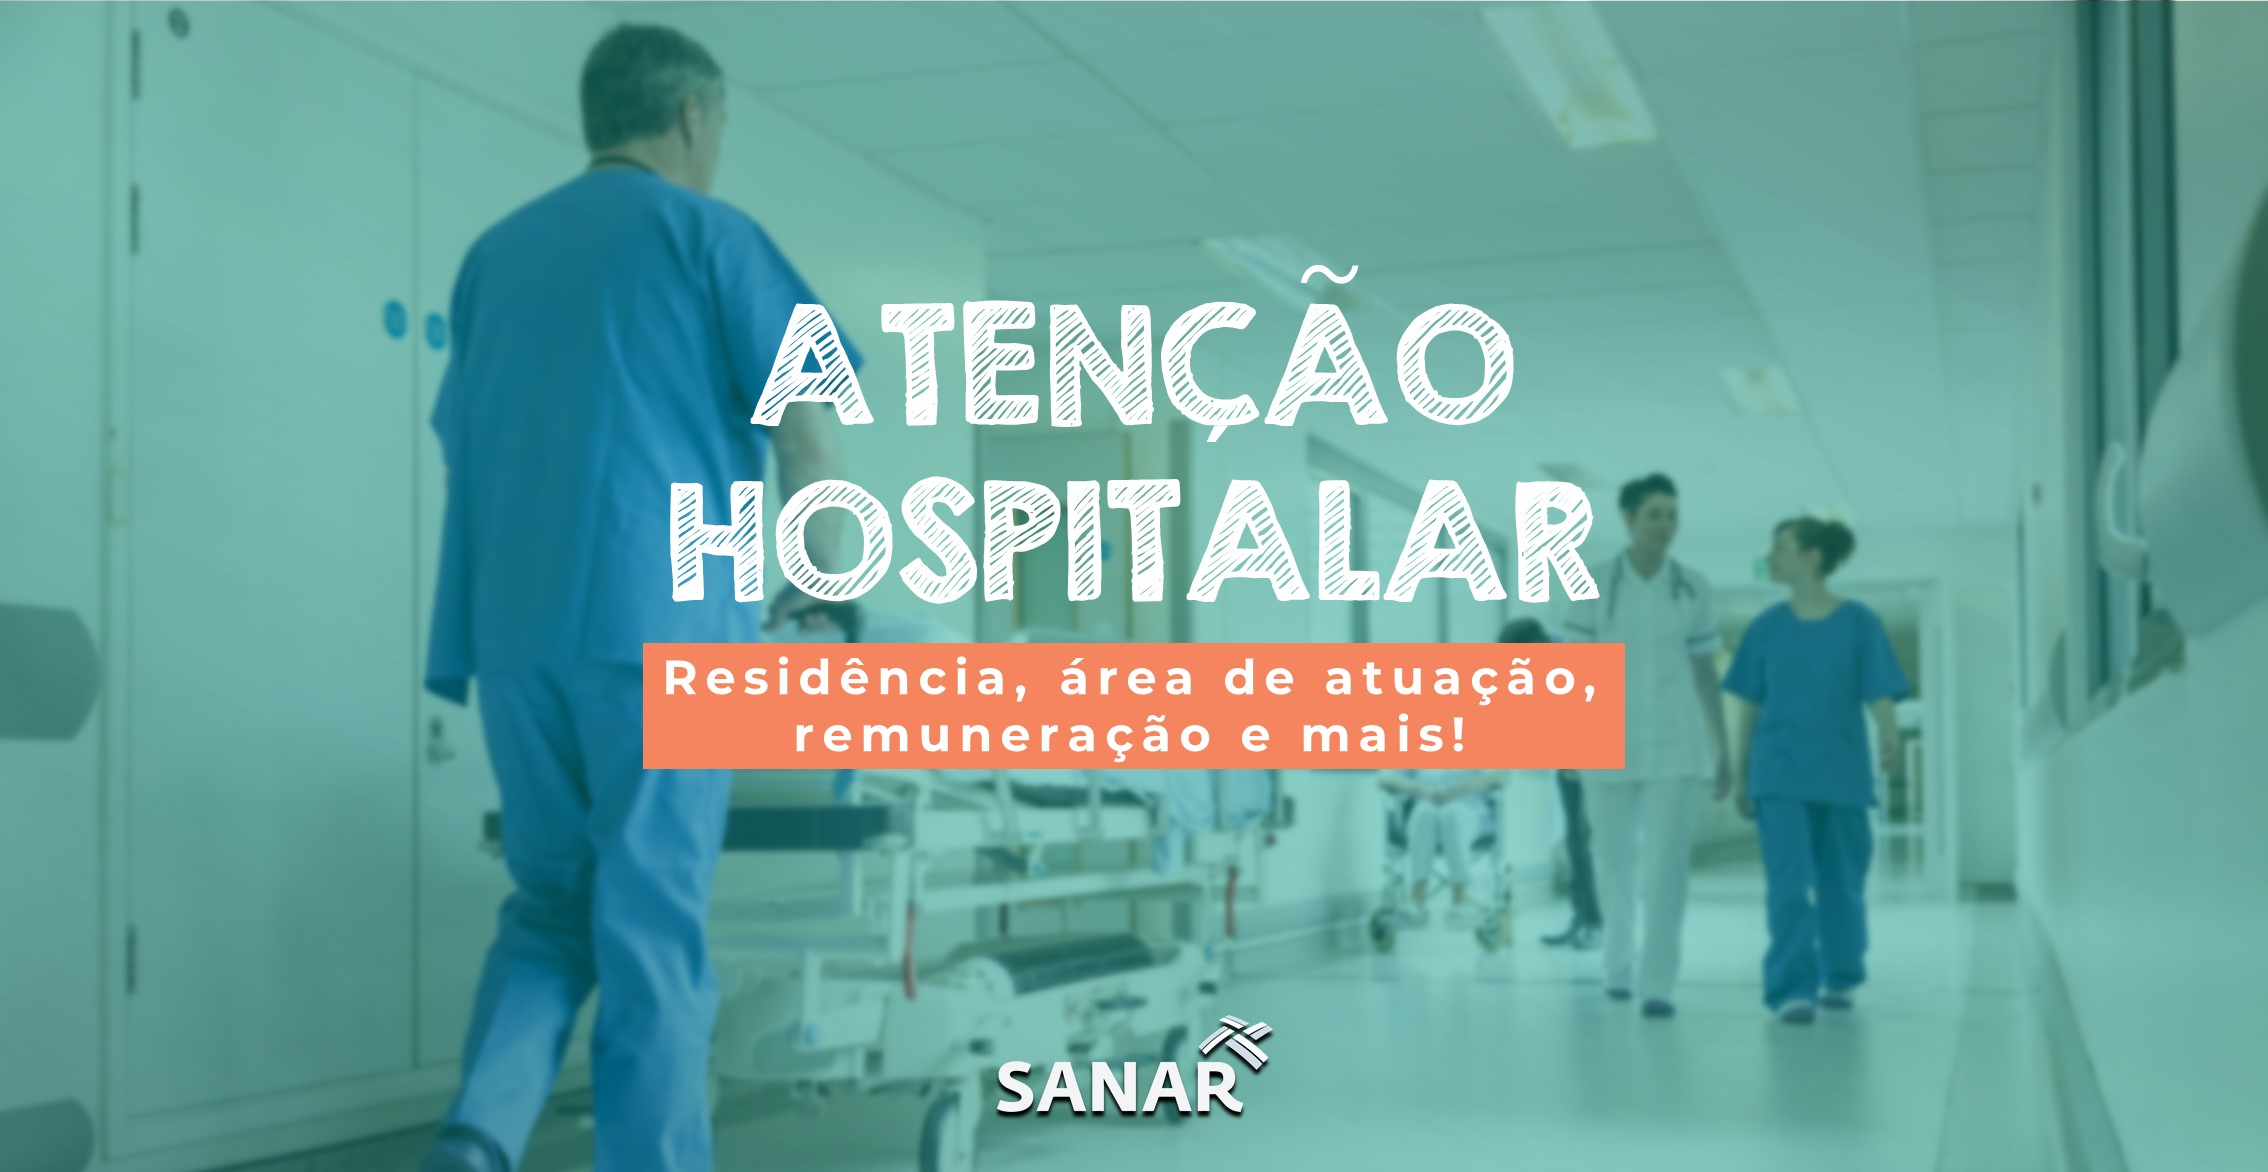 Atenção Hospitalar